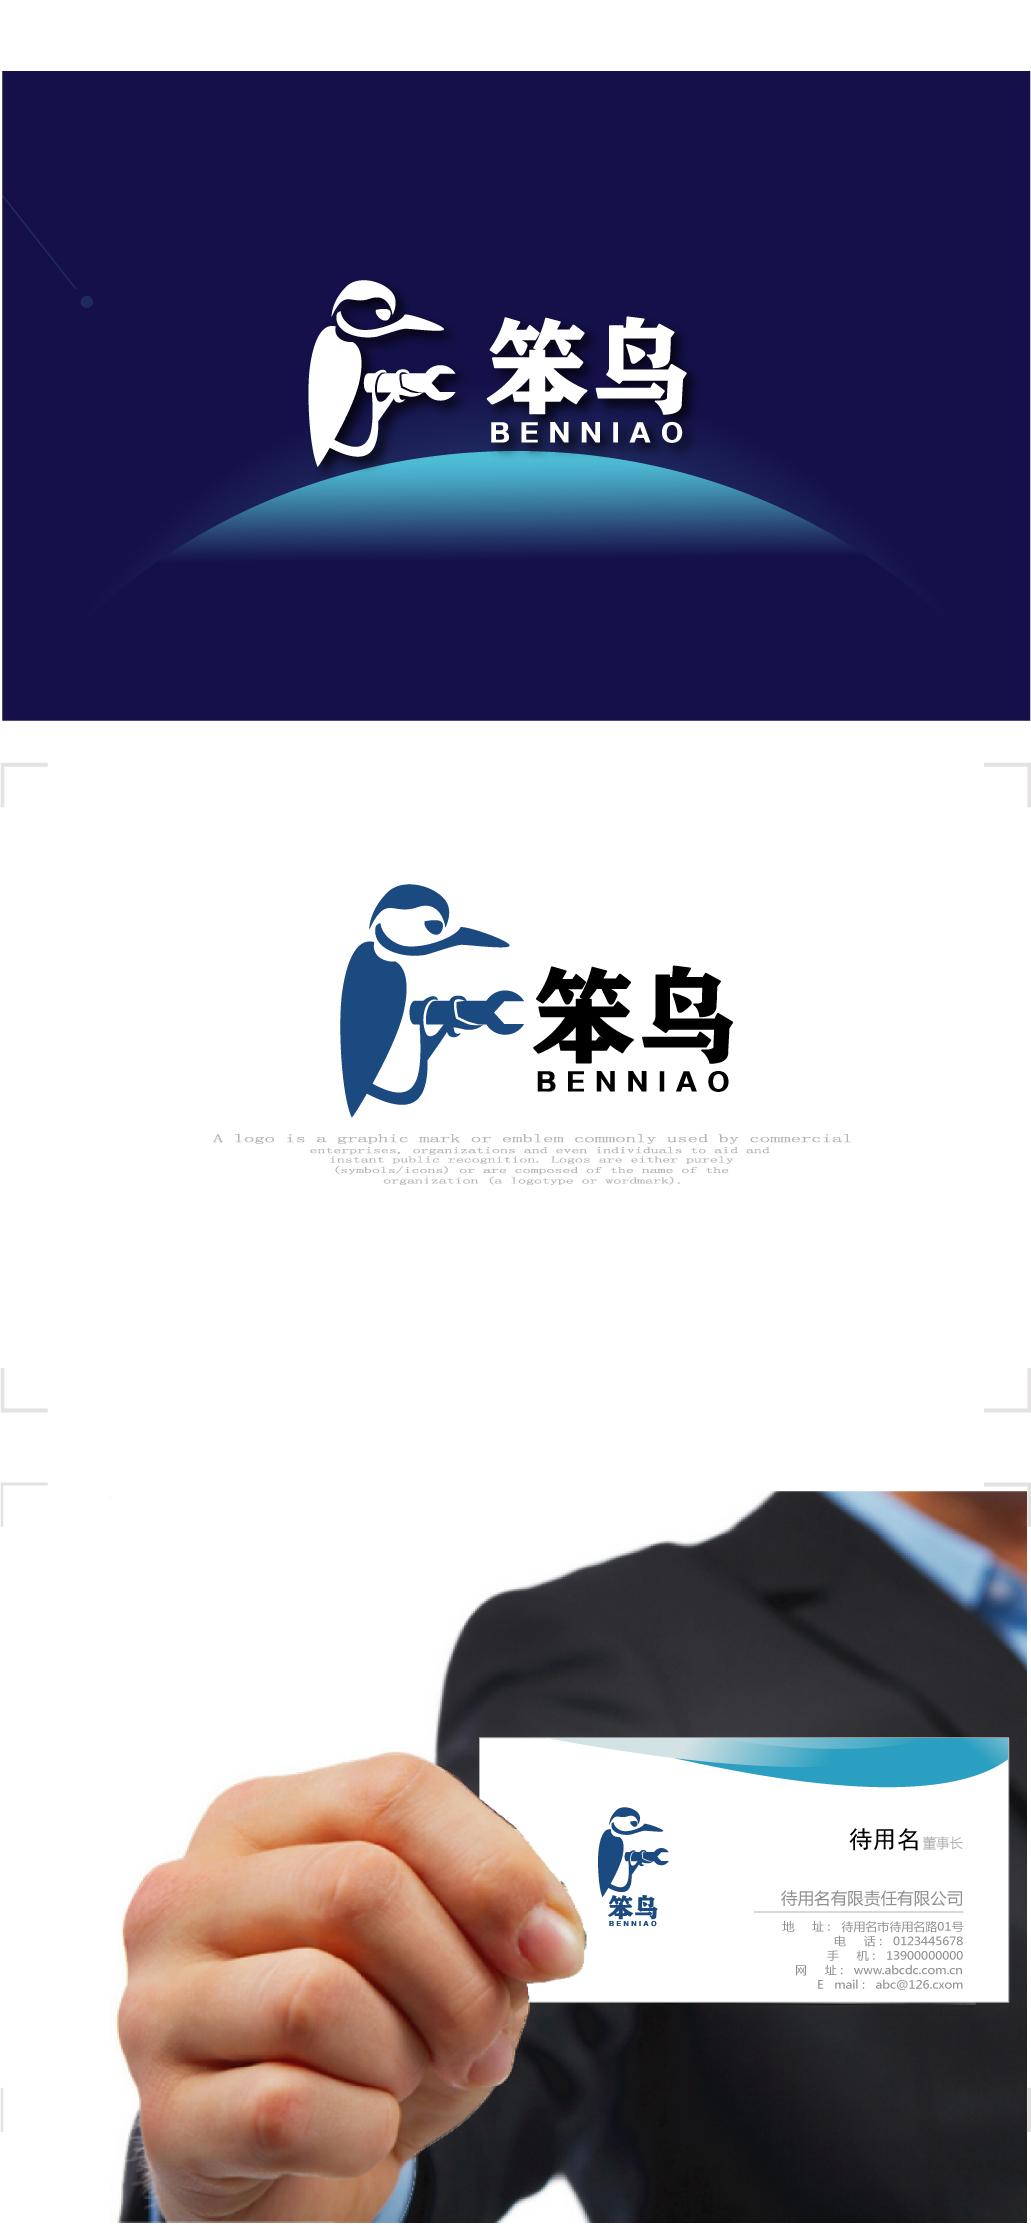 logo名称,笨鸟 / 笨鸟维保_3033491_k68威客网